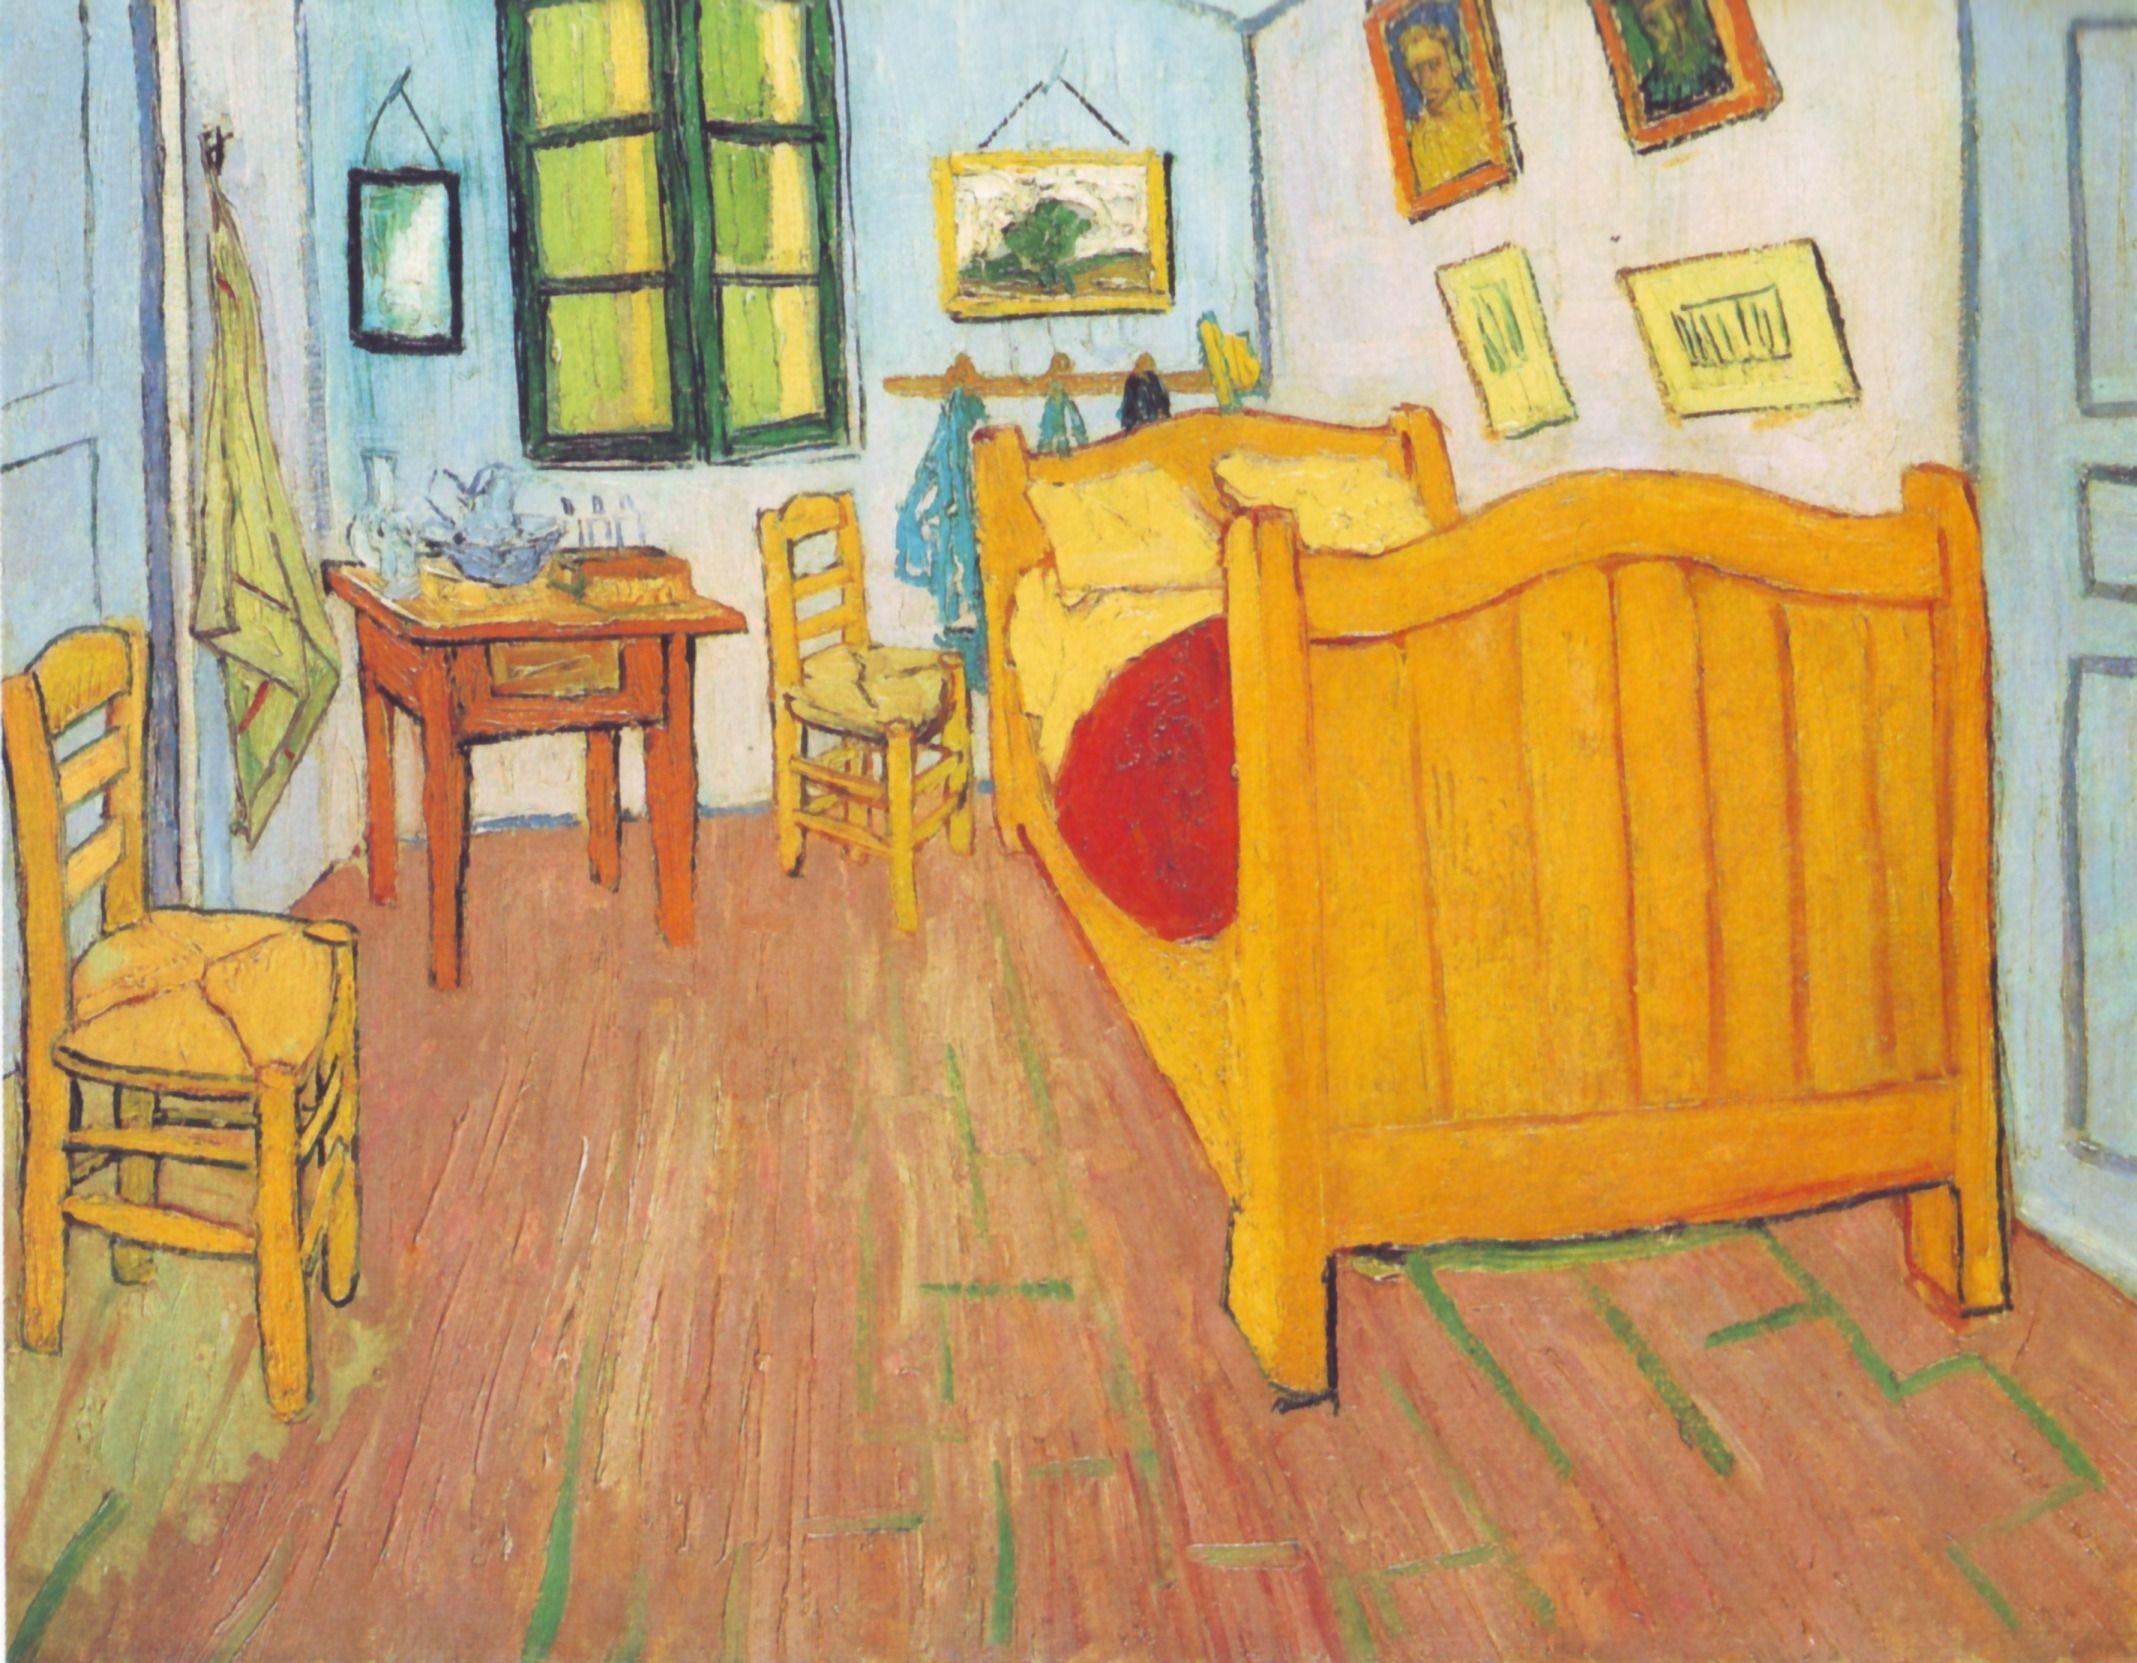 Mostra Van Gogh Vicenza 2017, date e costo dei biglietti